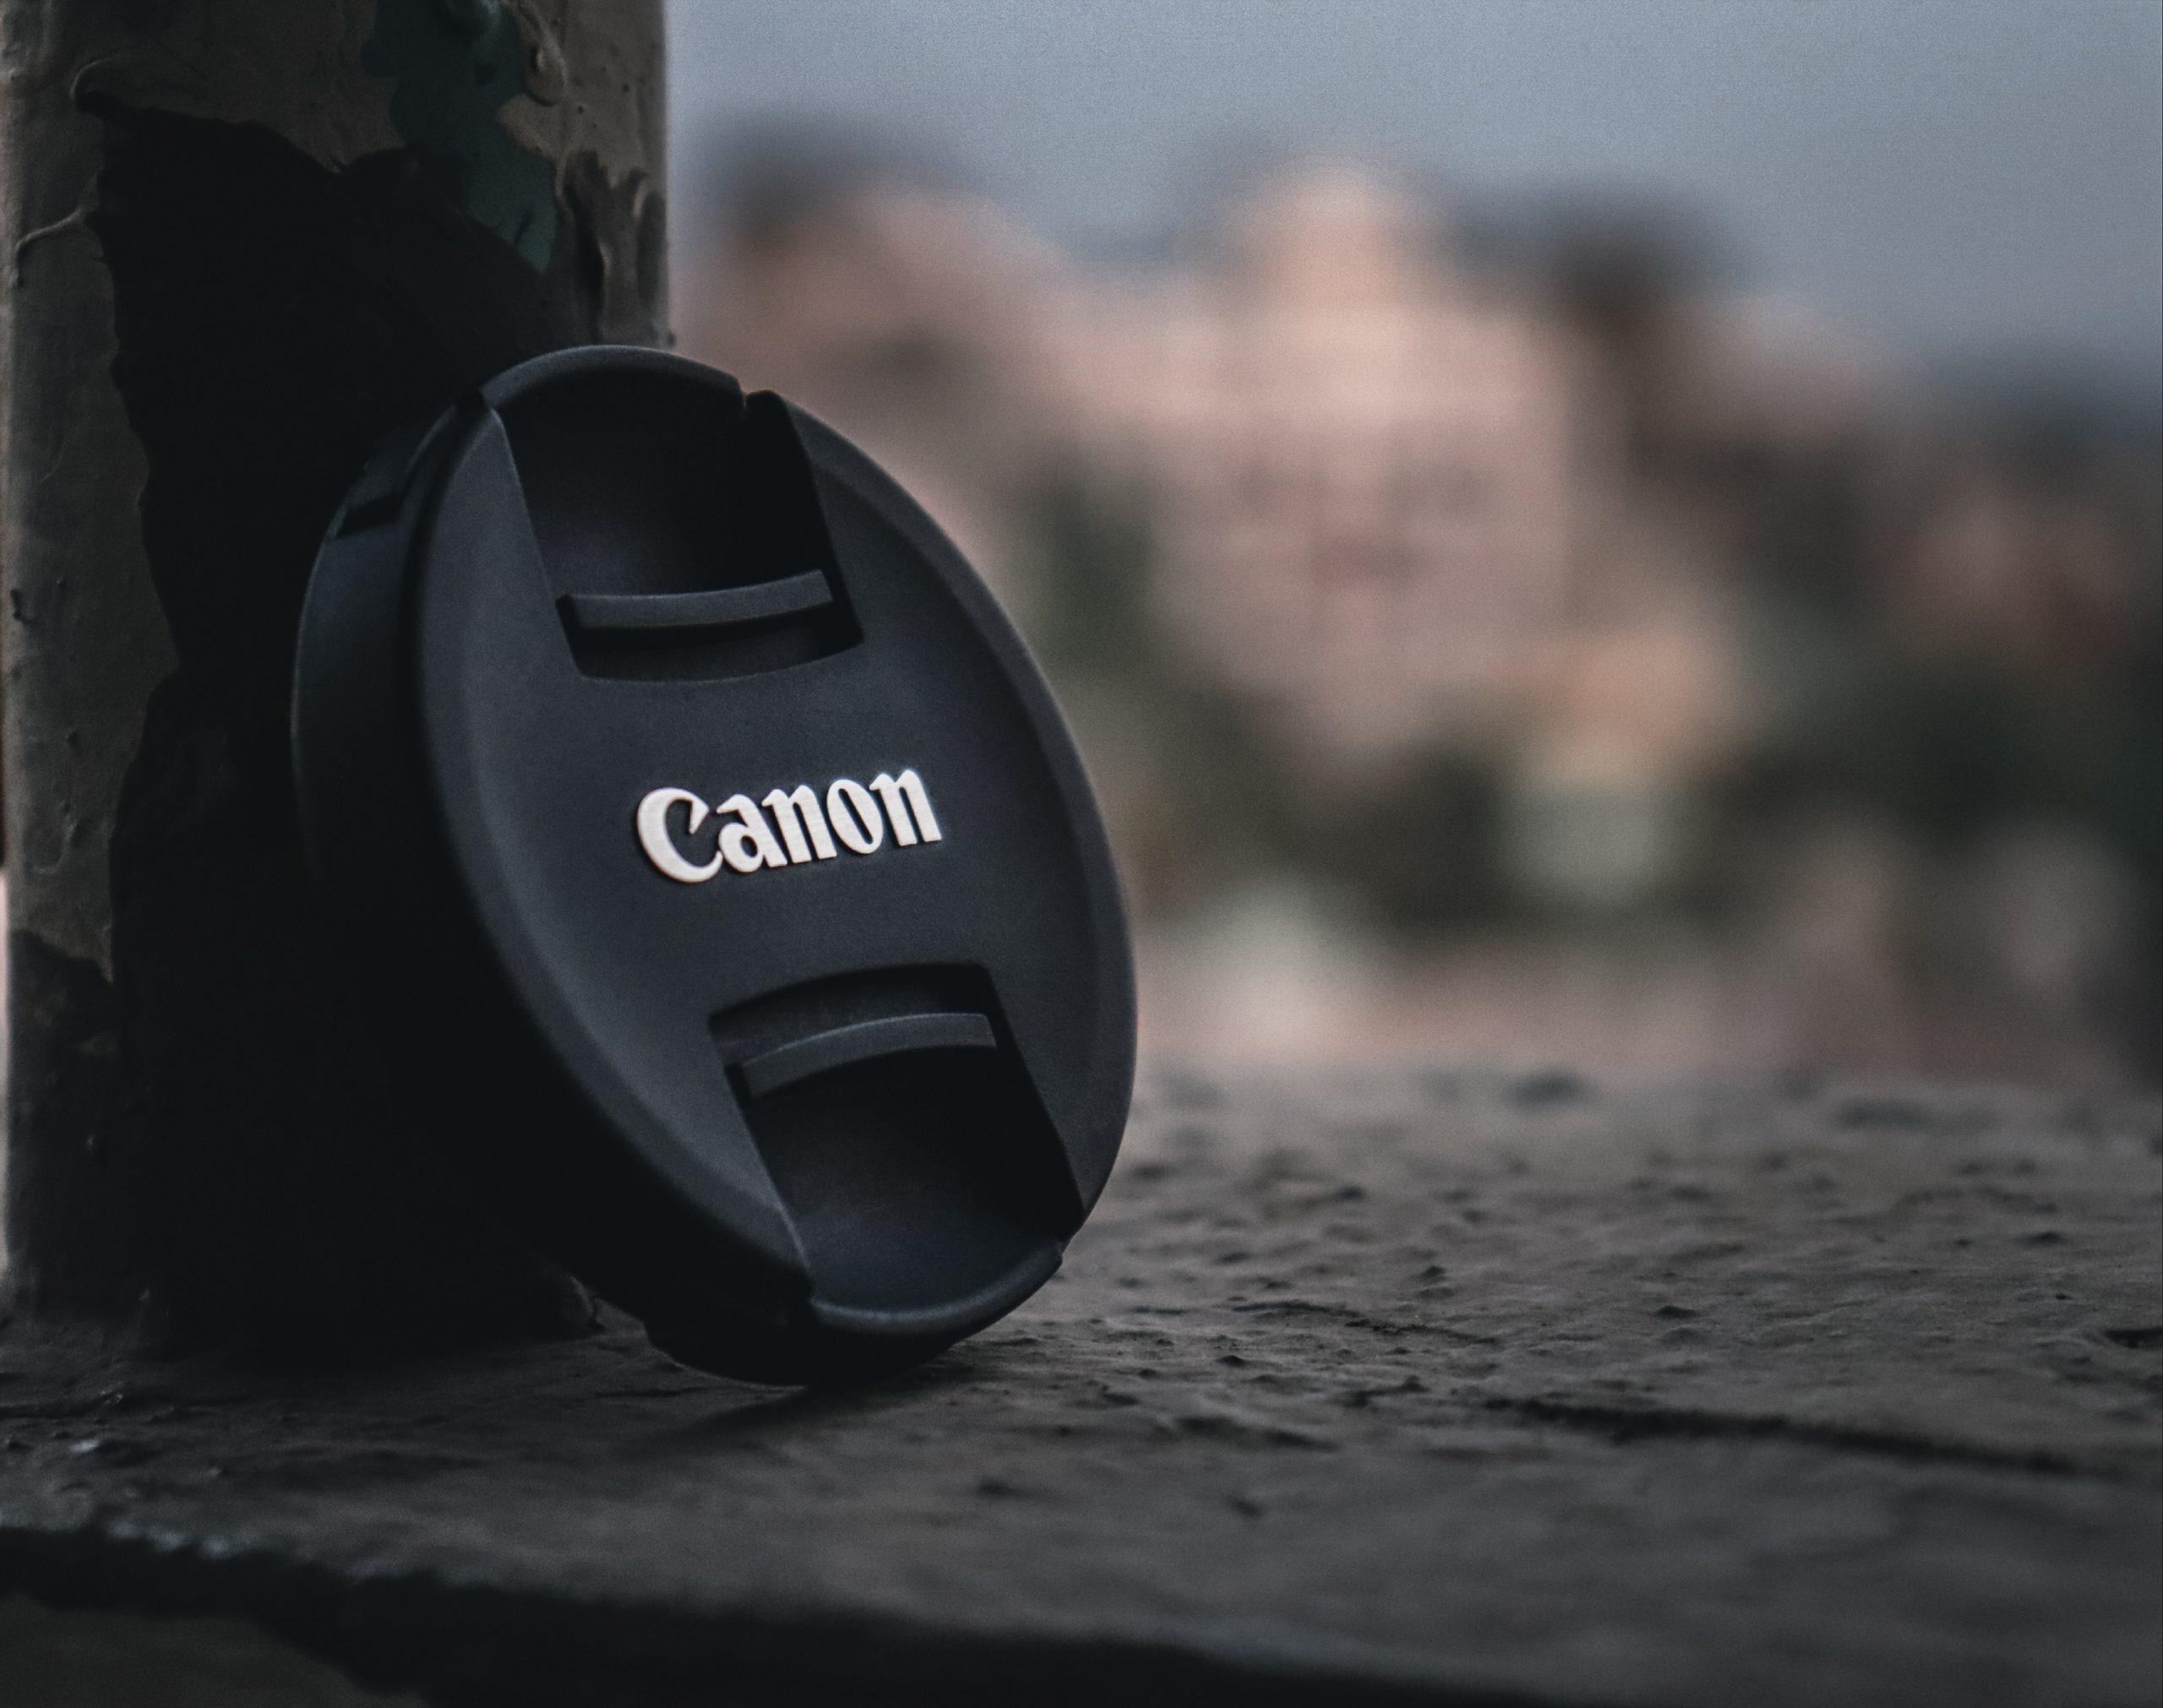 Canon Cap on Focus